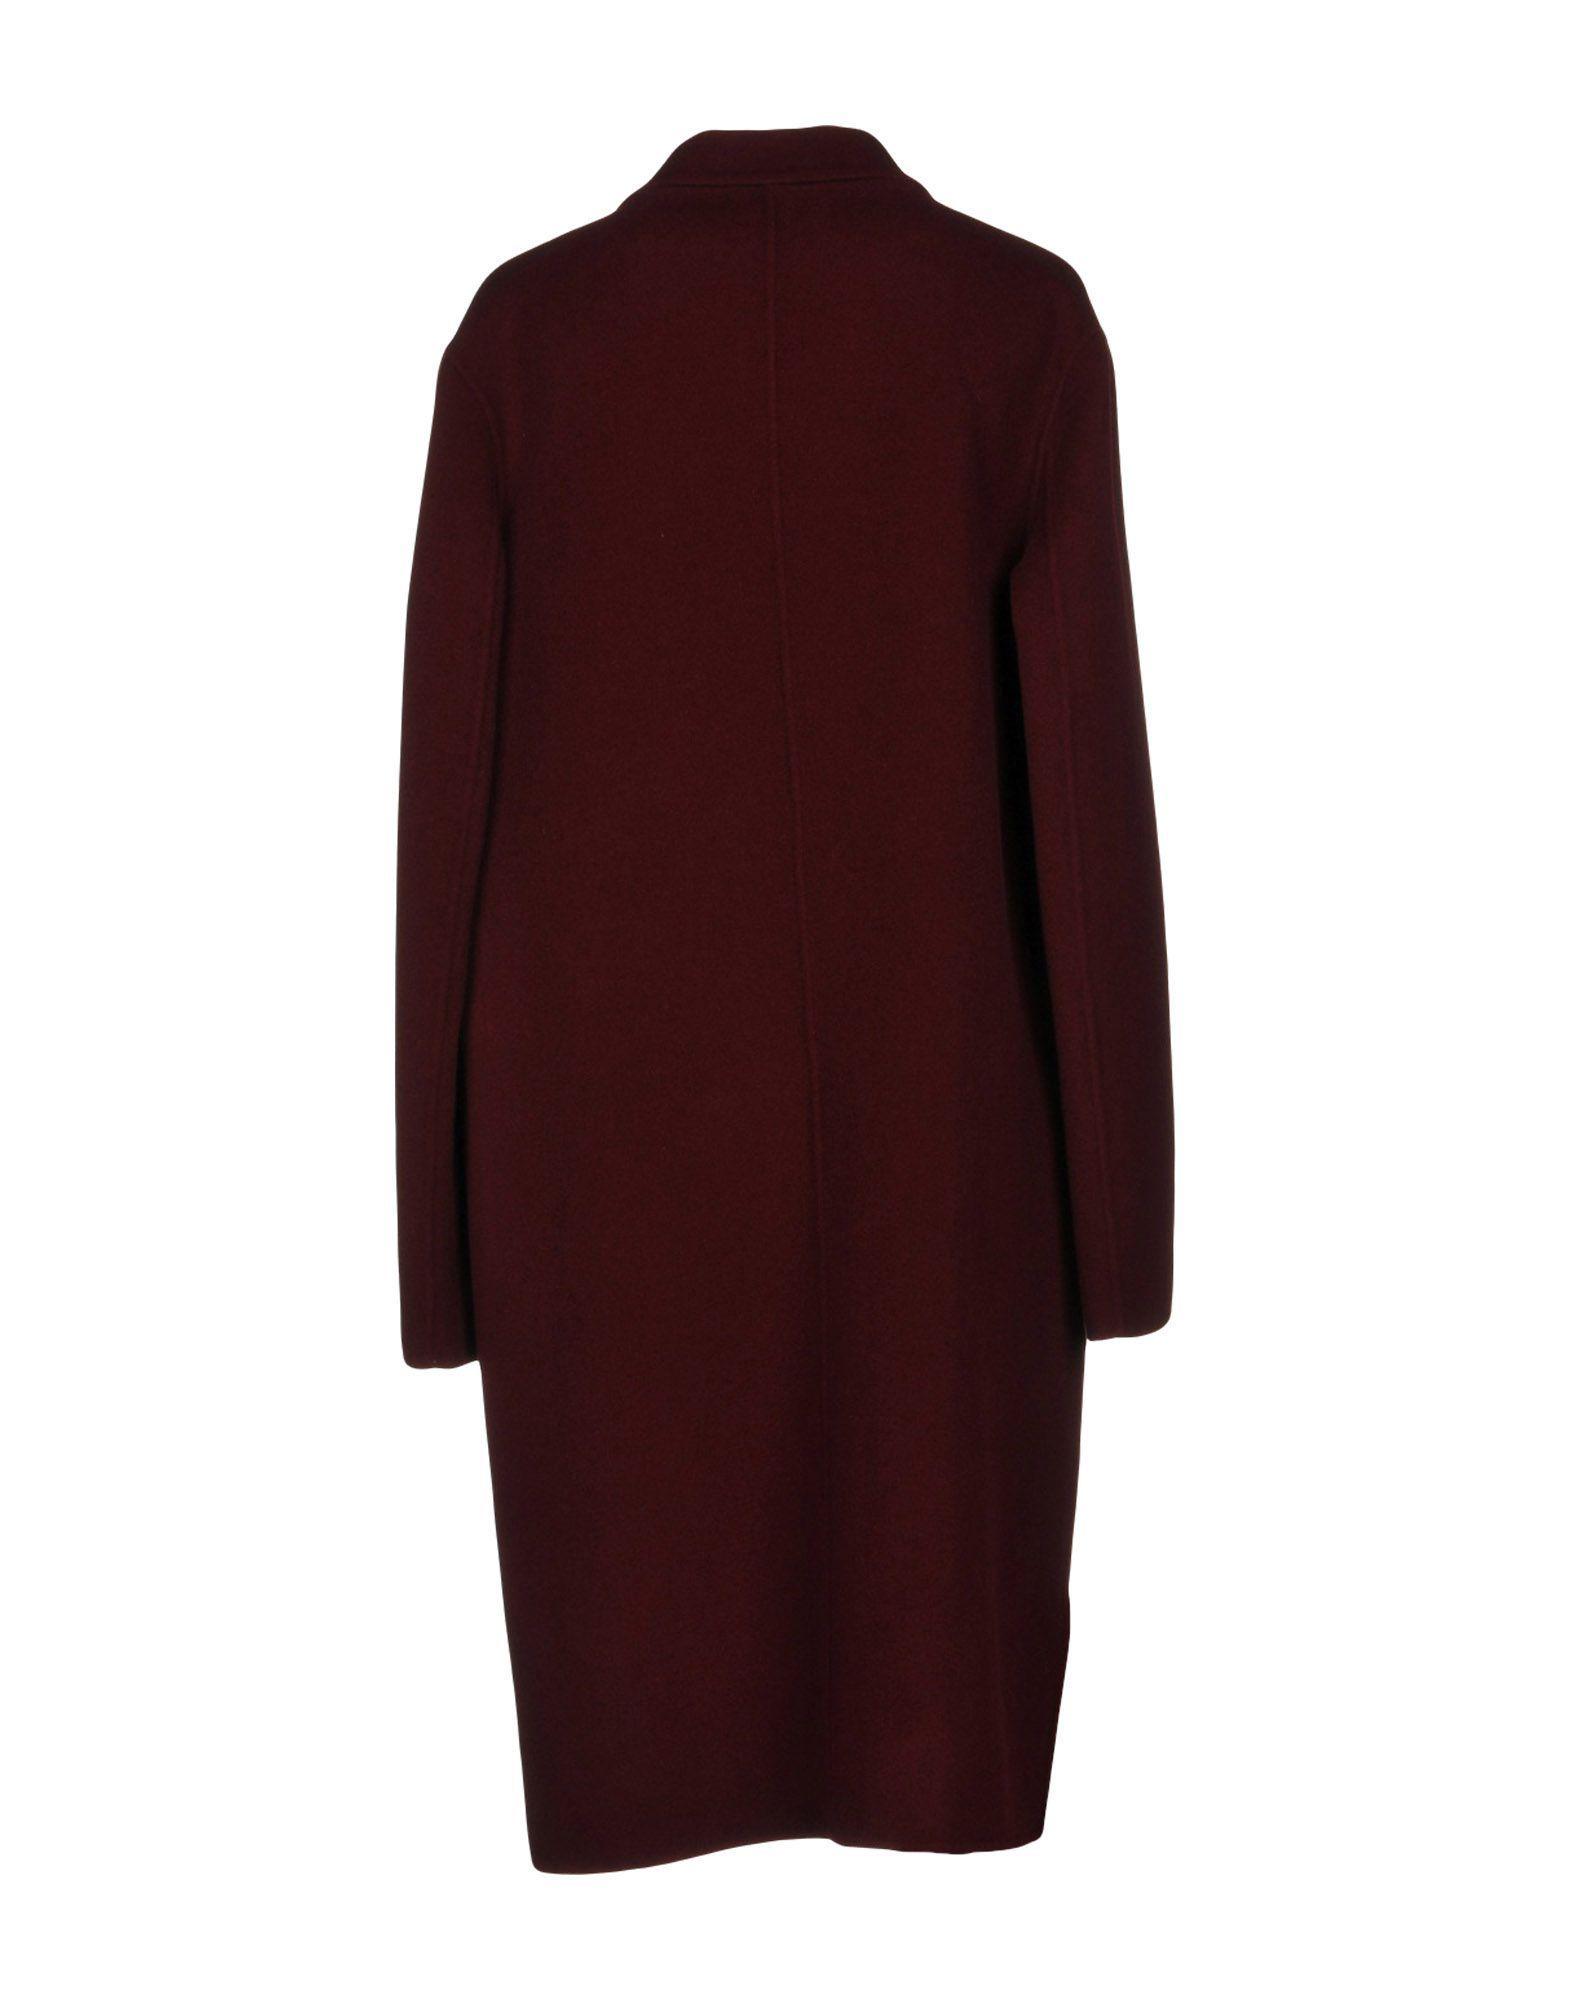 Pinko Maroon Wool Coat